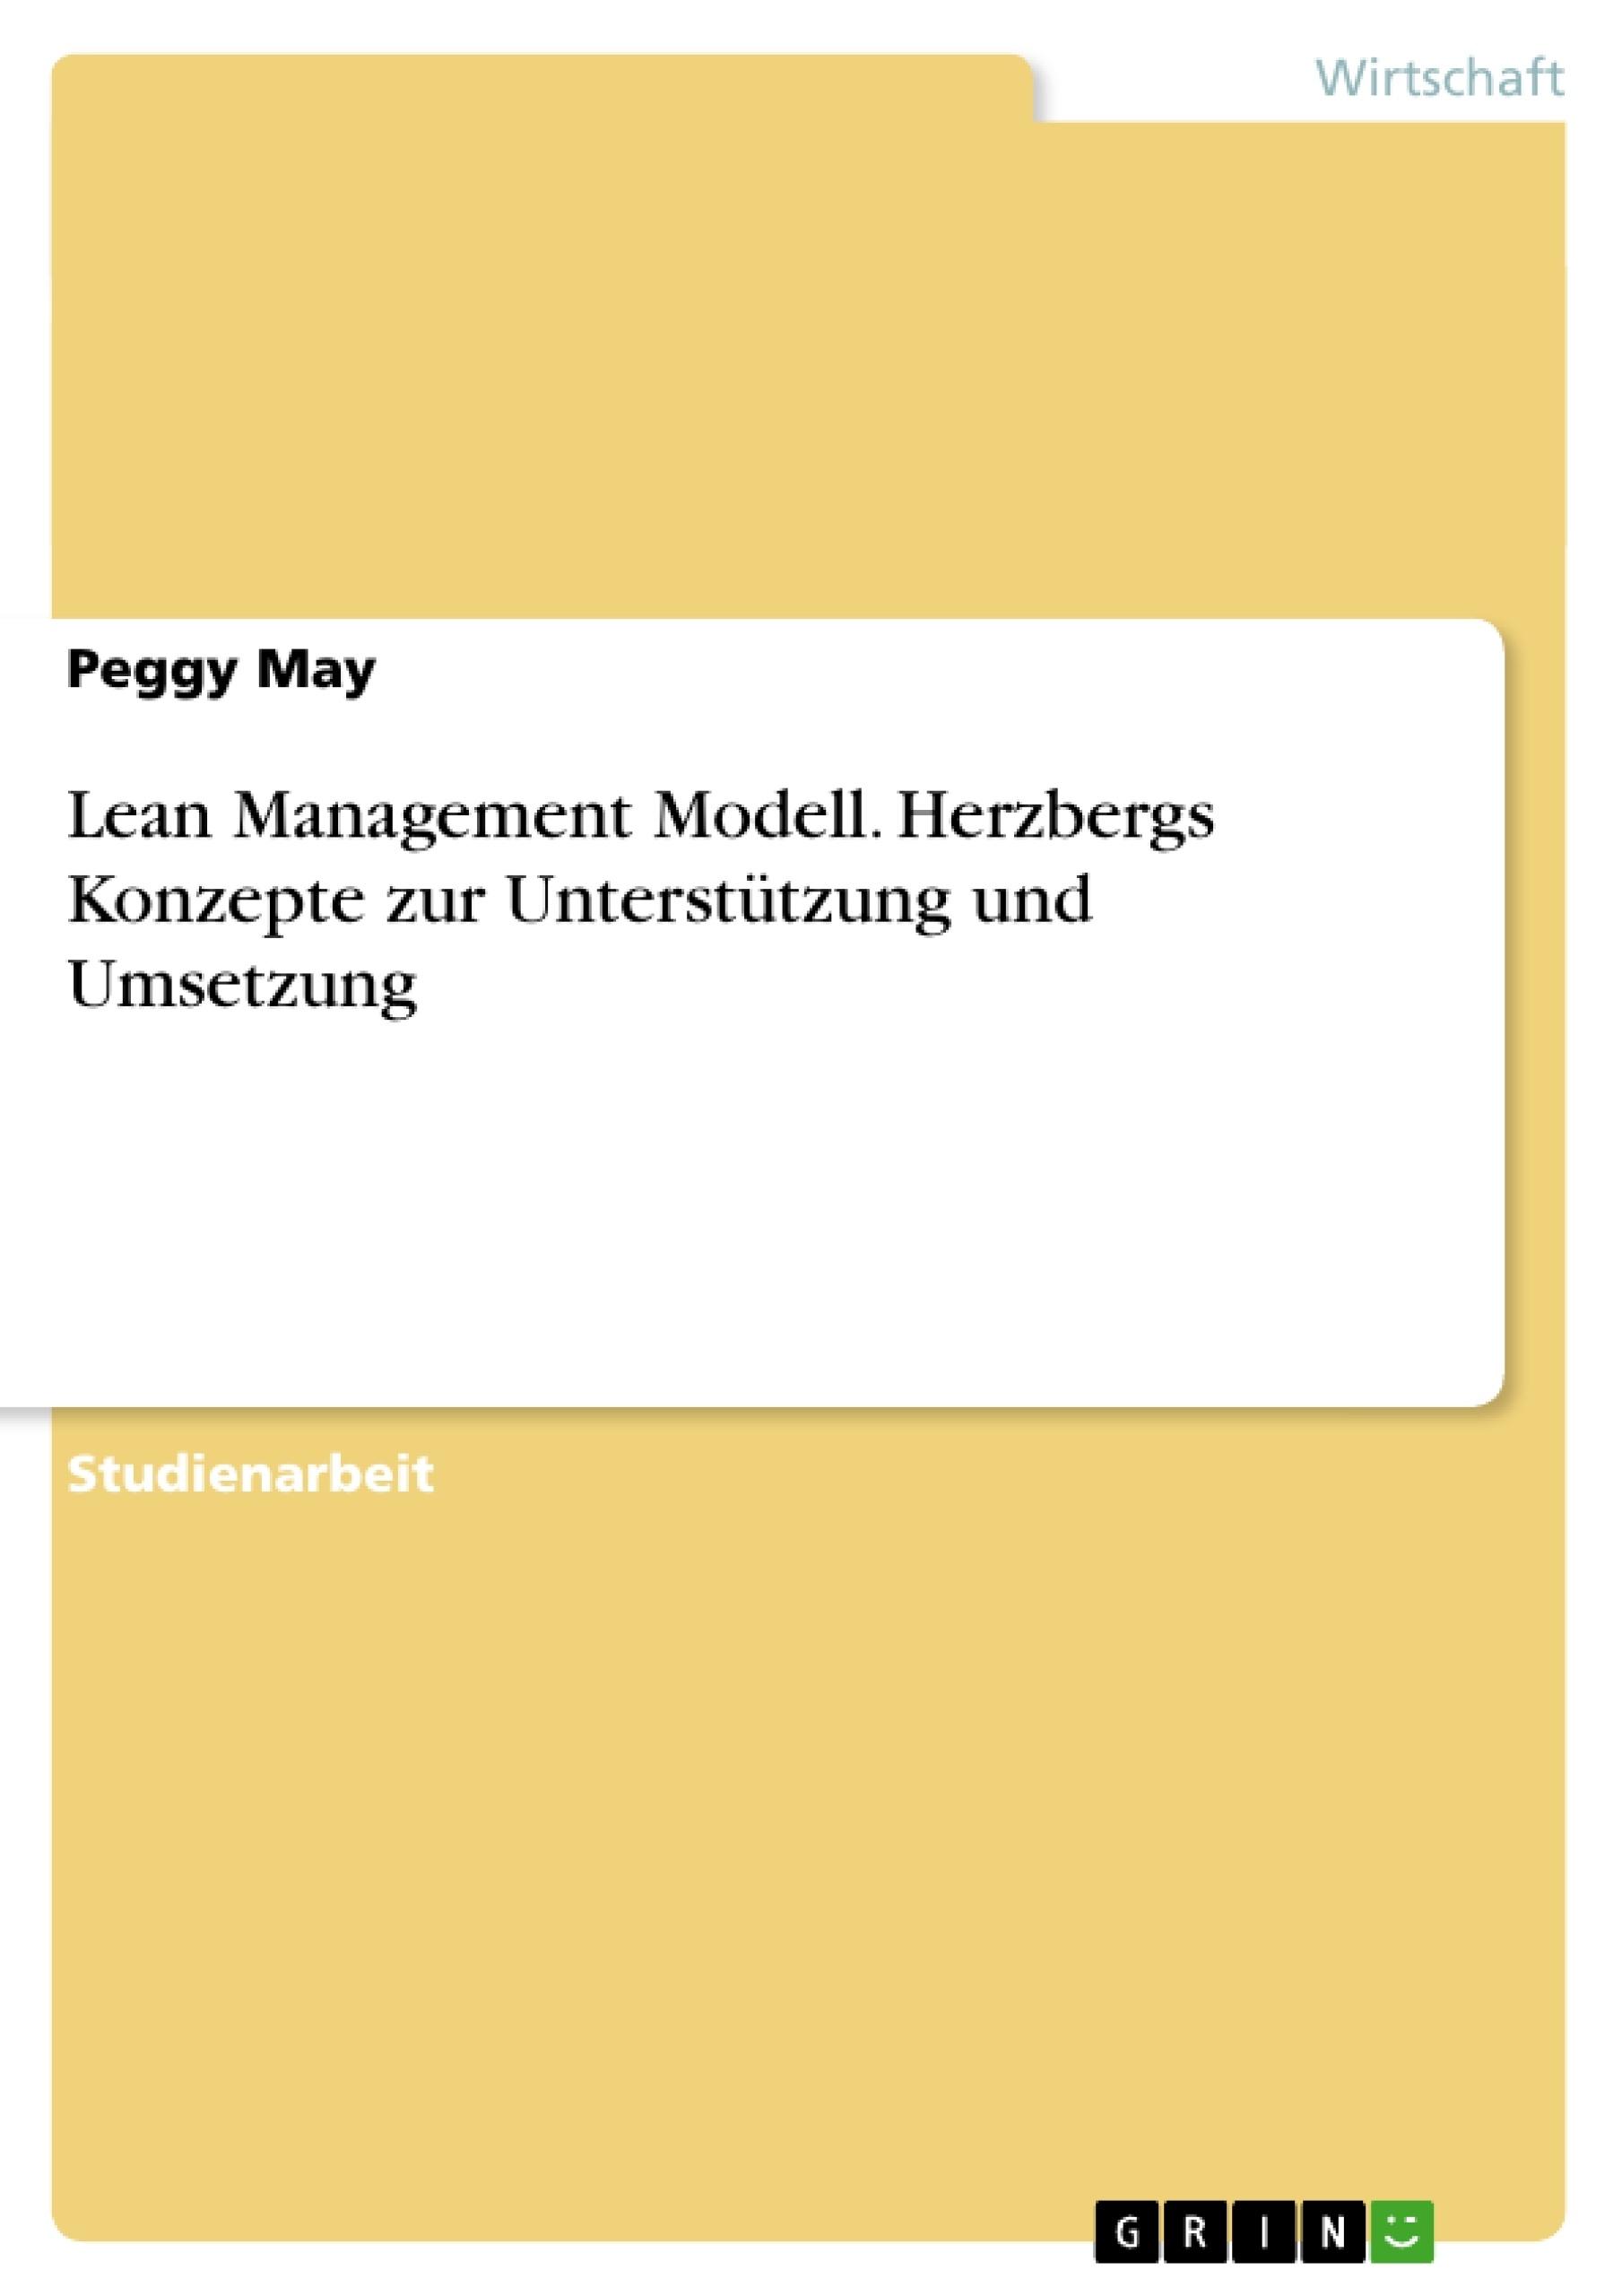 Titel: Lean Management Modell. Herzbergs Konzepte zur Unterstützung und Umsetzung